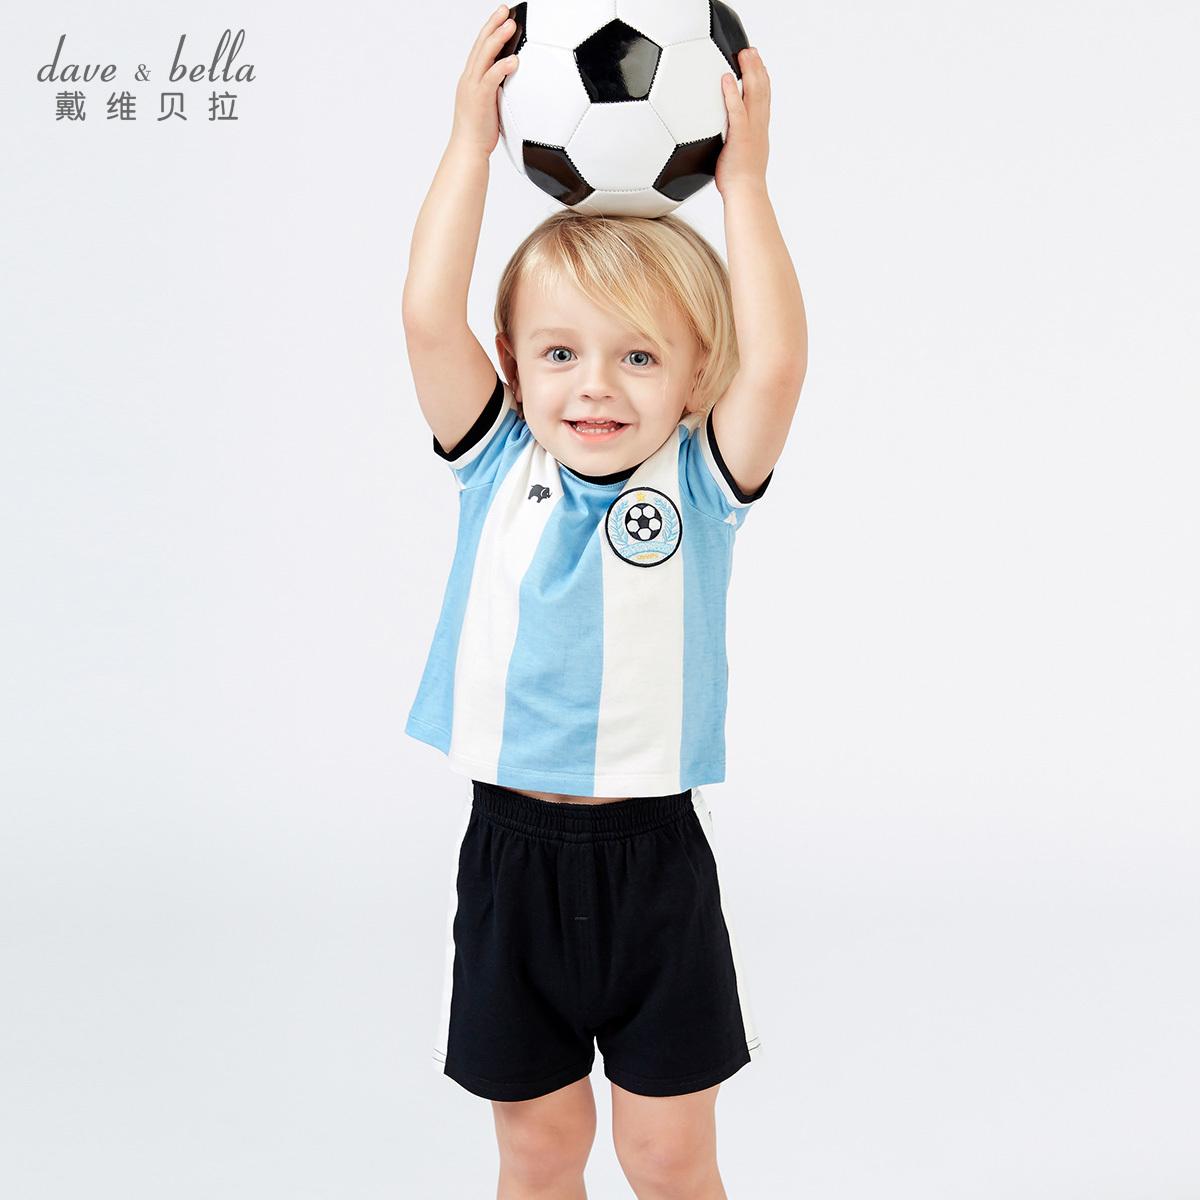 Davebella david Bella 2018 mùa hè cậu bé mới thể thao phù hợp với nam kho báu bộ bóng đá DB7612